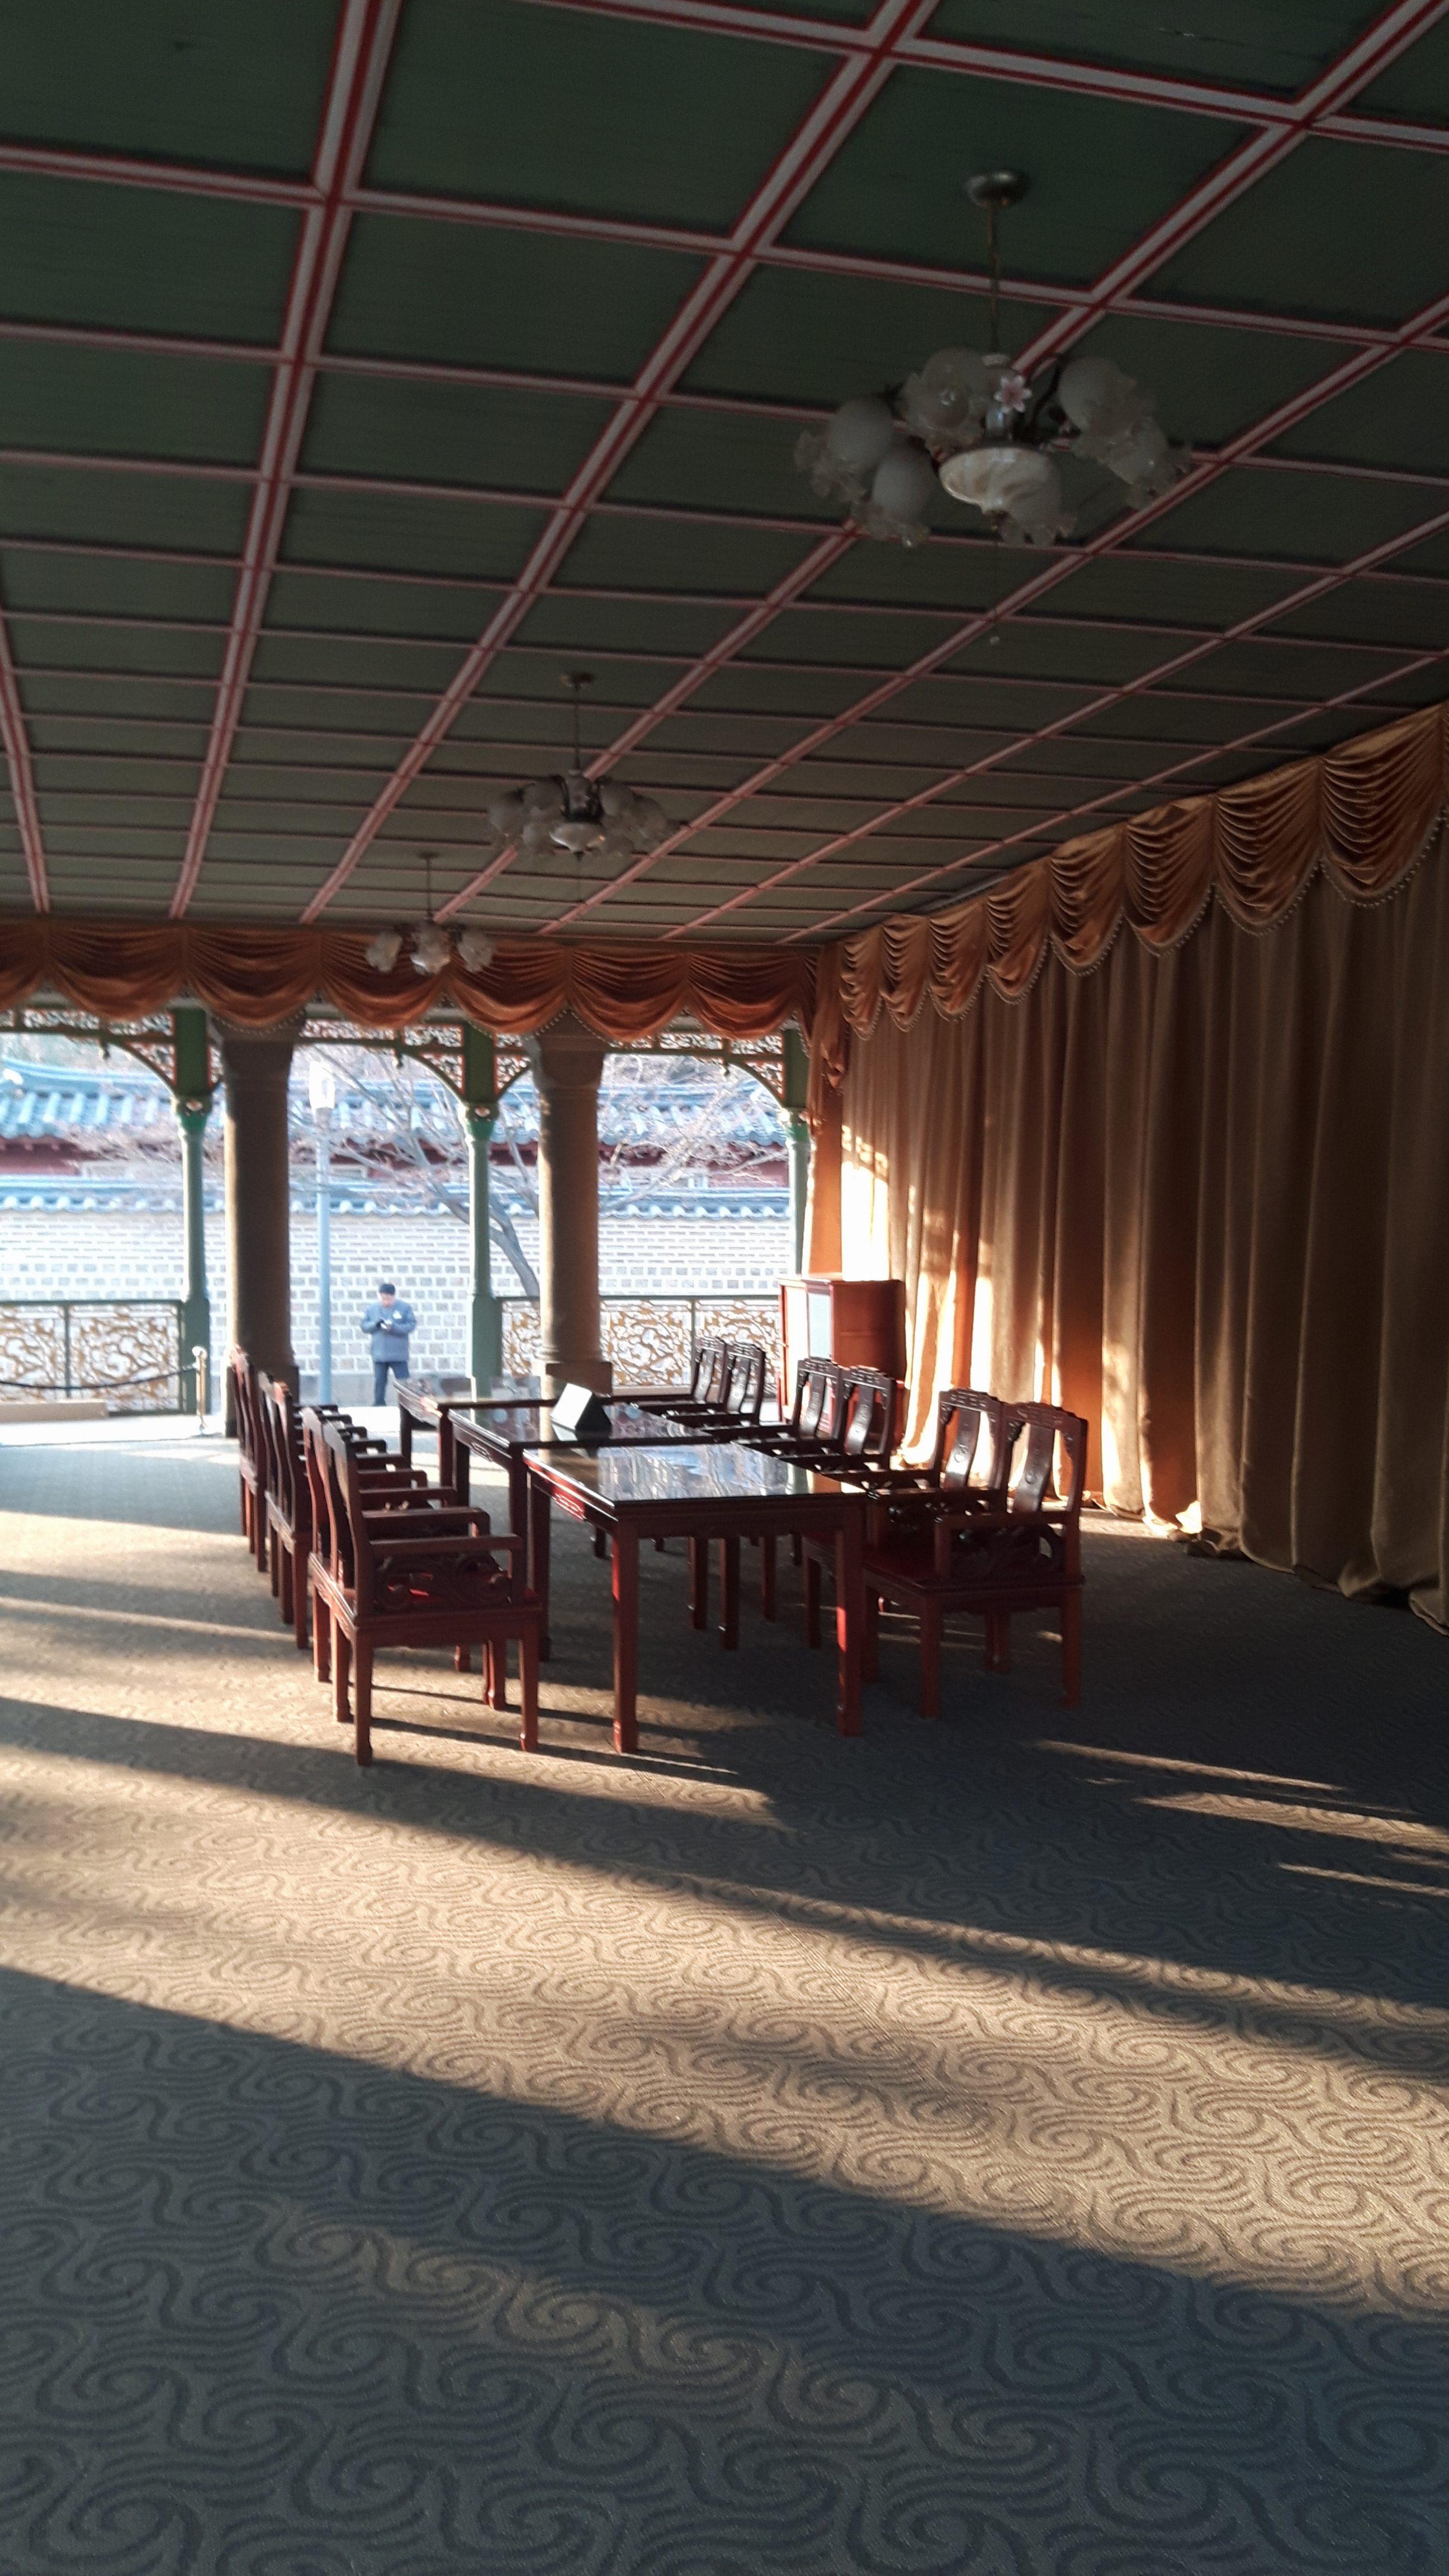 Pavilhão Jeonggwanheon, acervo pessoal